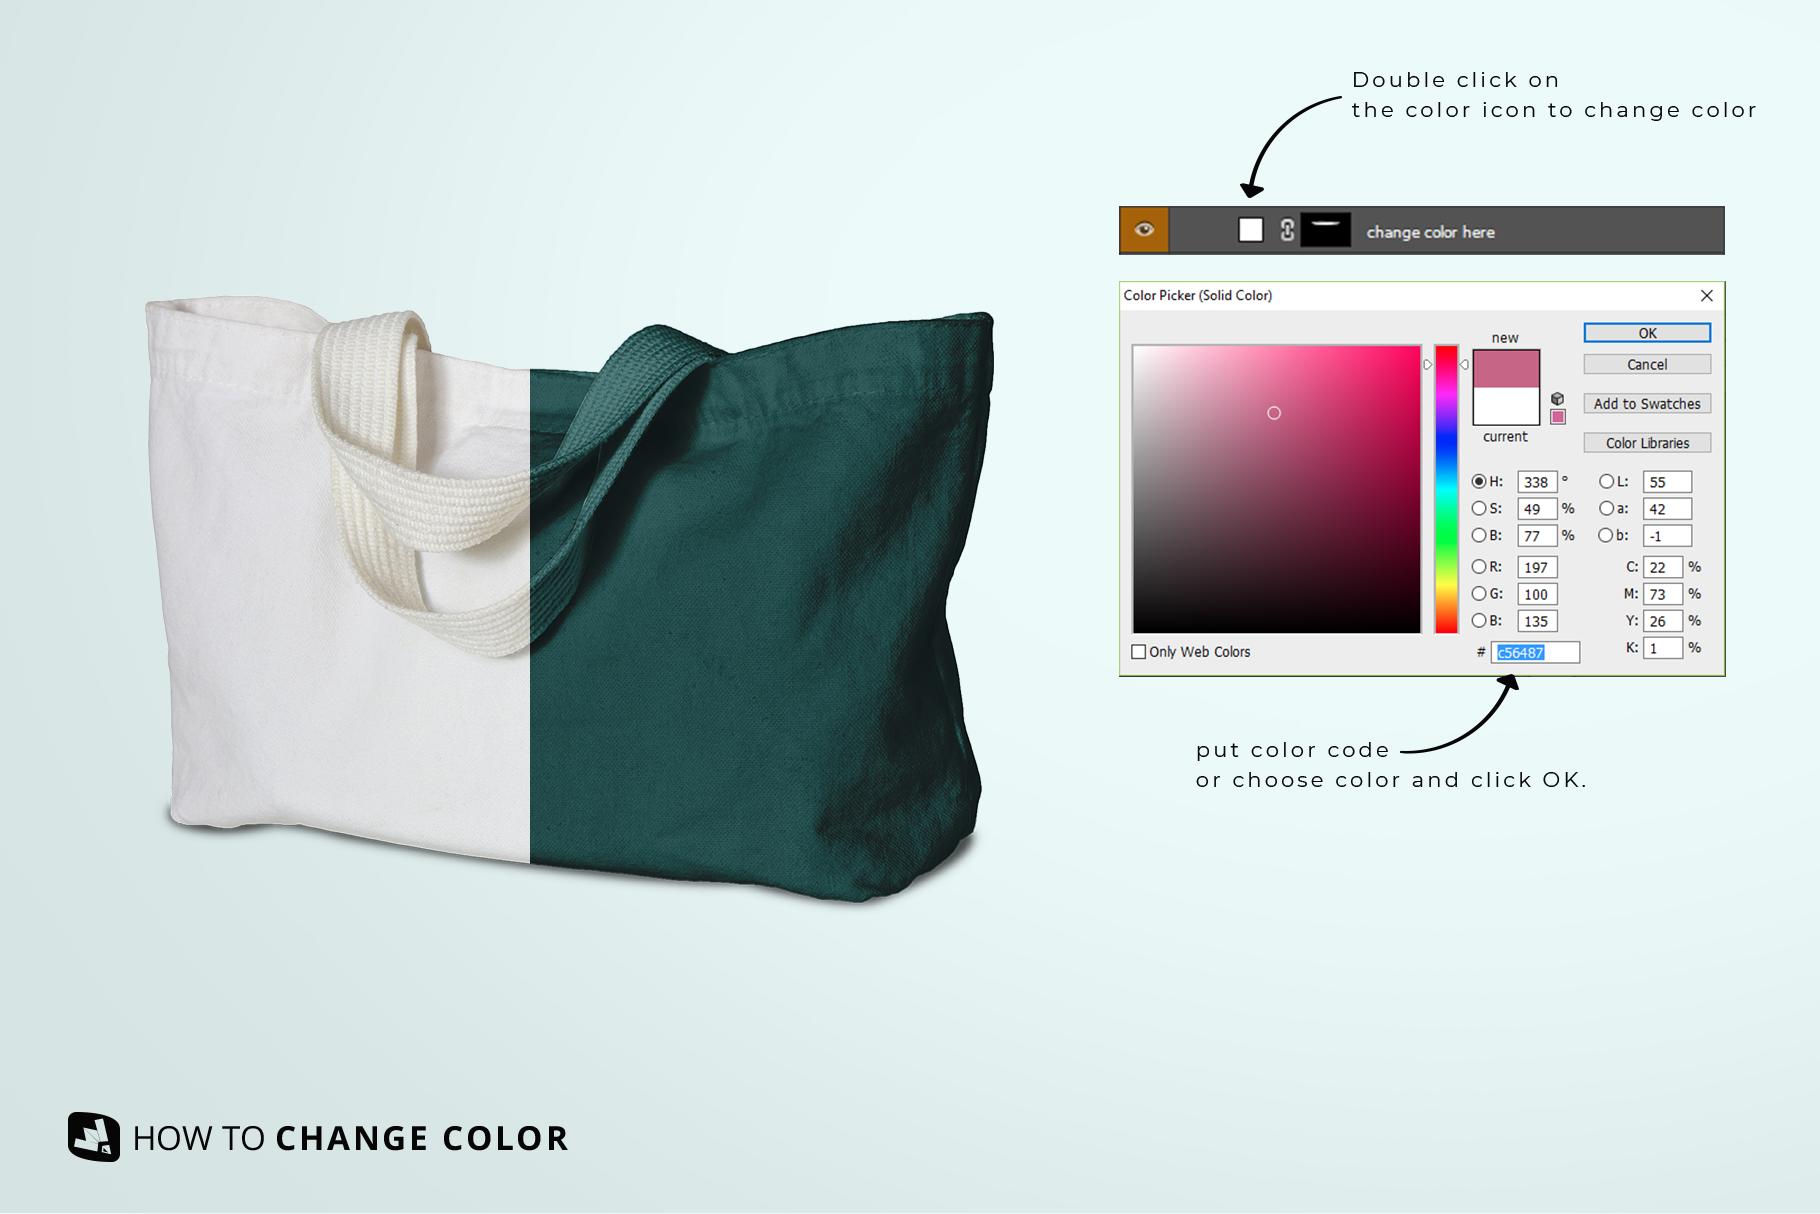 change color of the reusable cotton cloth bag mockup